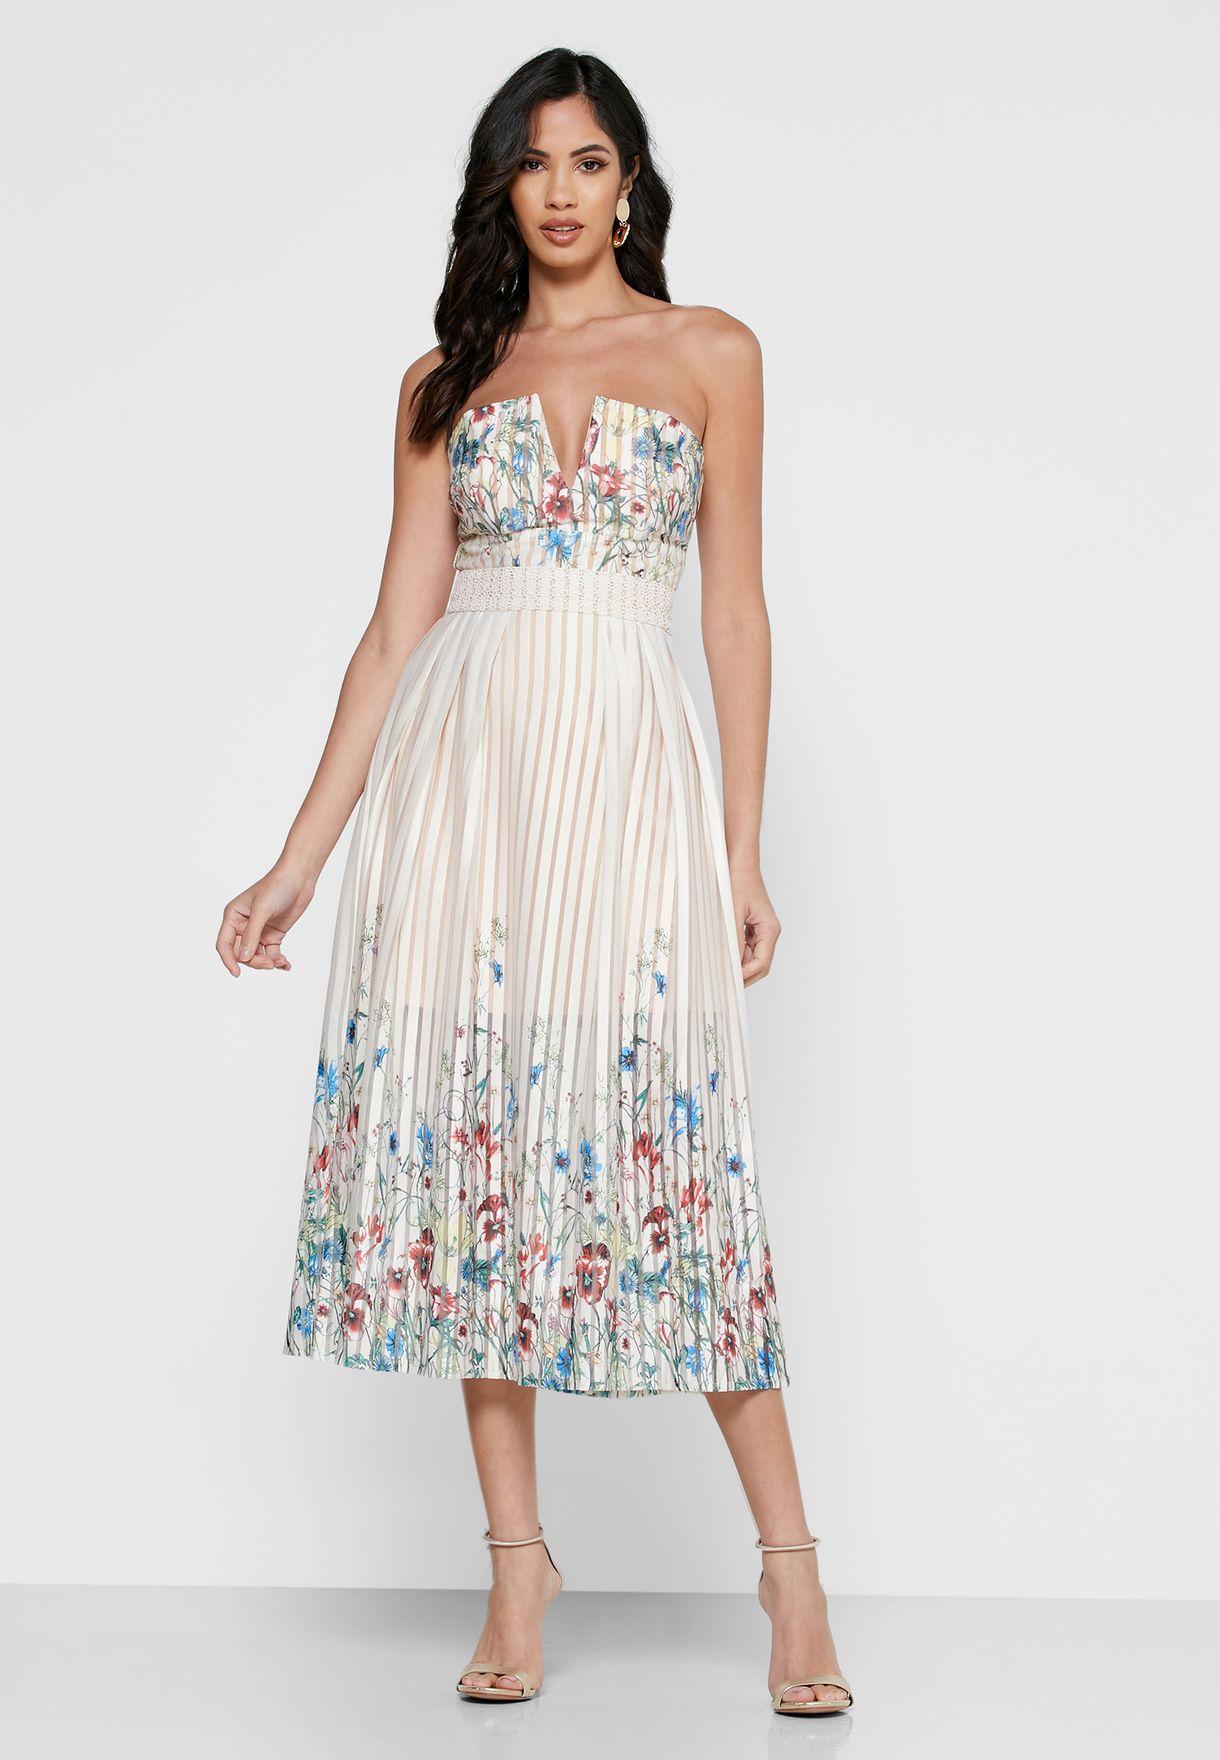 فستان يكشف الاكتاف بطبعات ازهار ومزين بكسرات